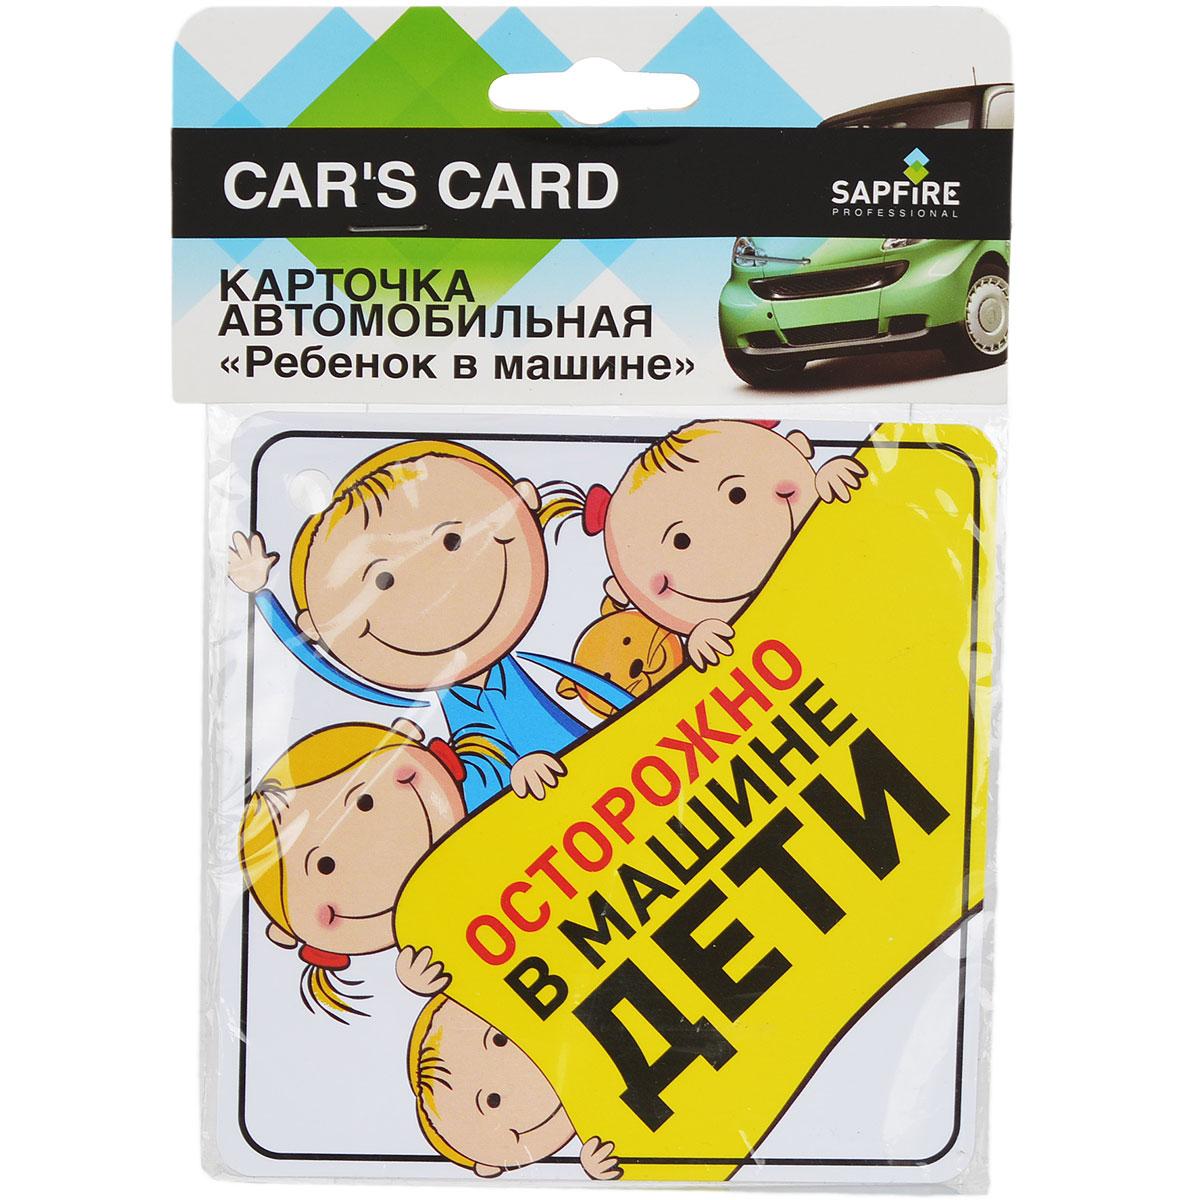 Карточка автомобильная Sapfire Осторожно, в машине детиSCH-0731Автомобильная карточка Sapfire сообщит автовладельцам о том, что у вас в машине находятся дети. Выполнена из ПВХ. Крепится на стекло с помощью присоски.